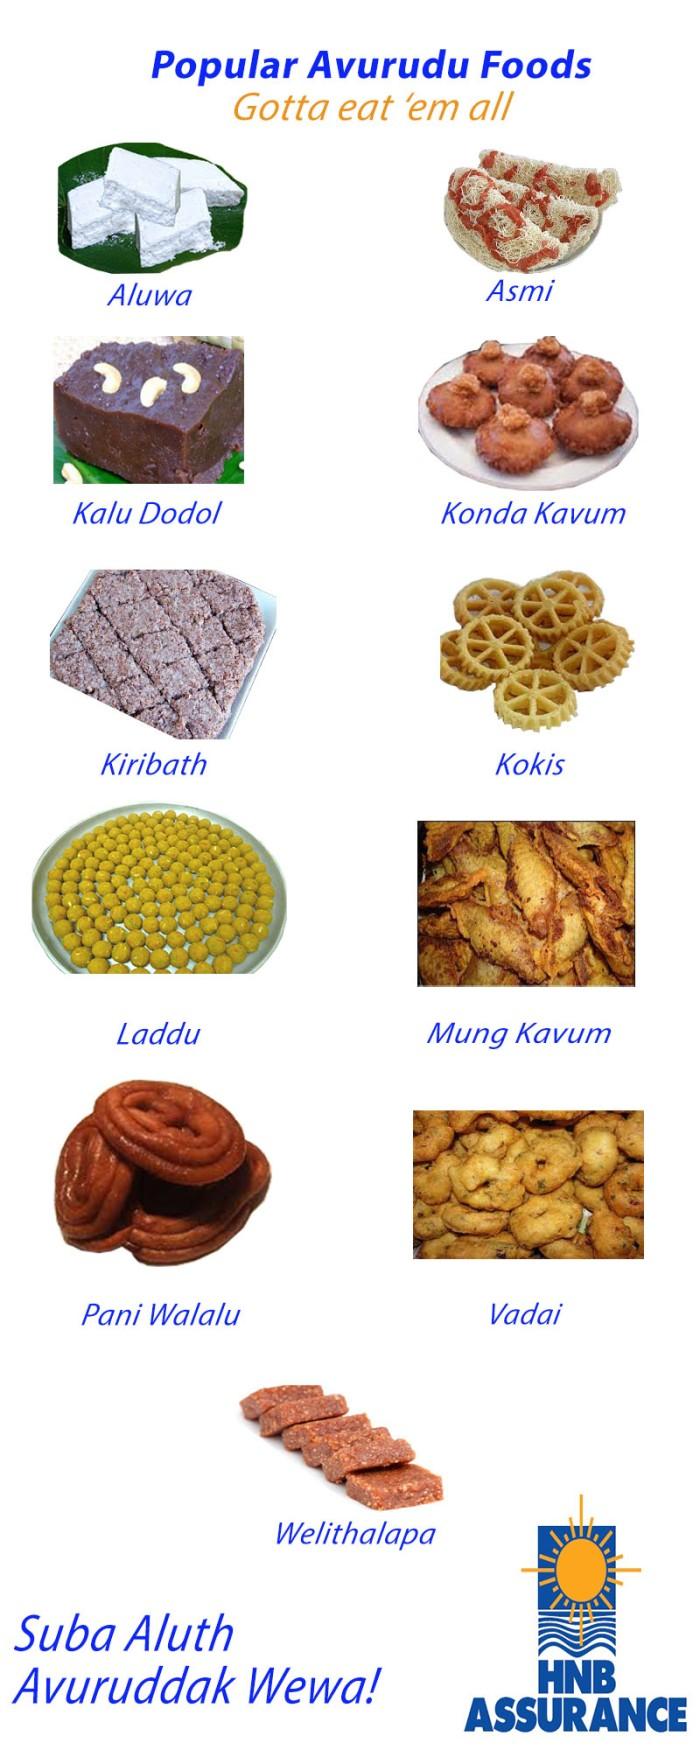 Avurudu Infographic HNBA2